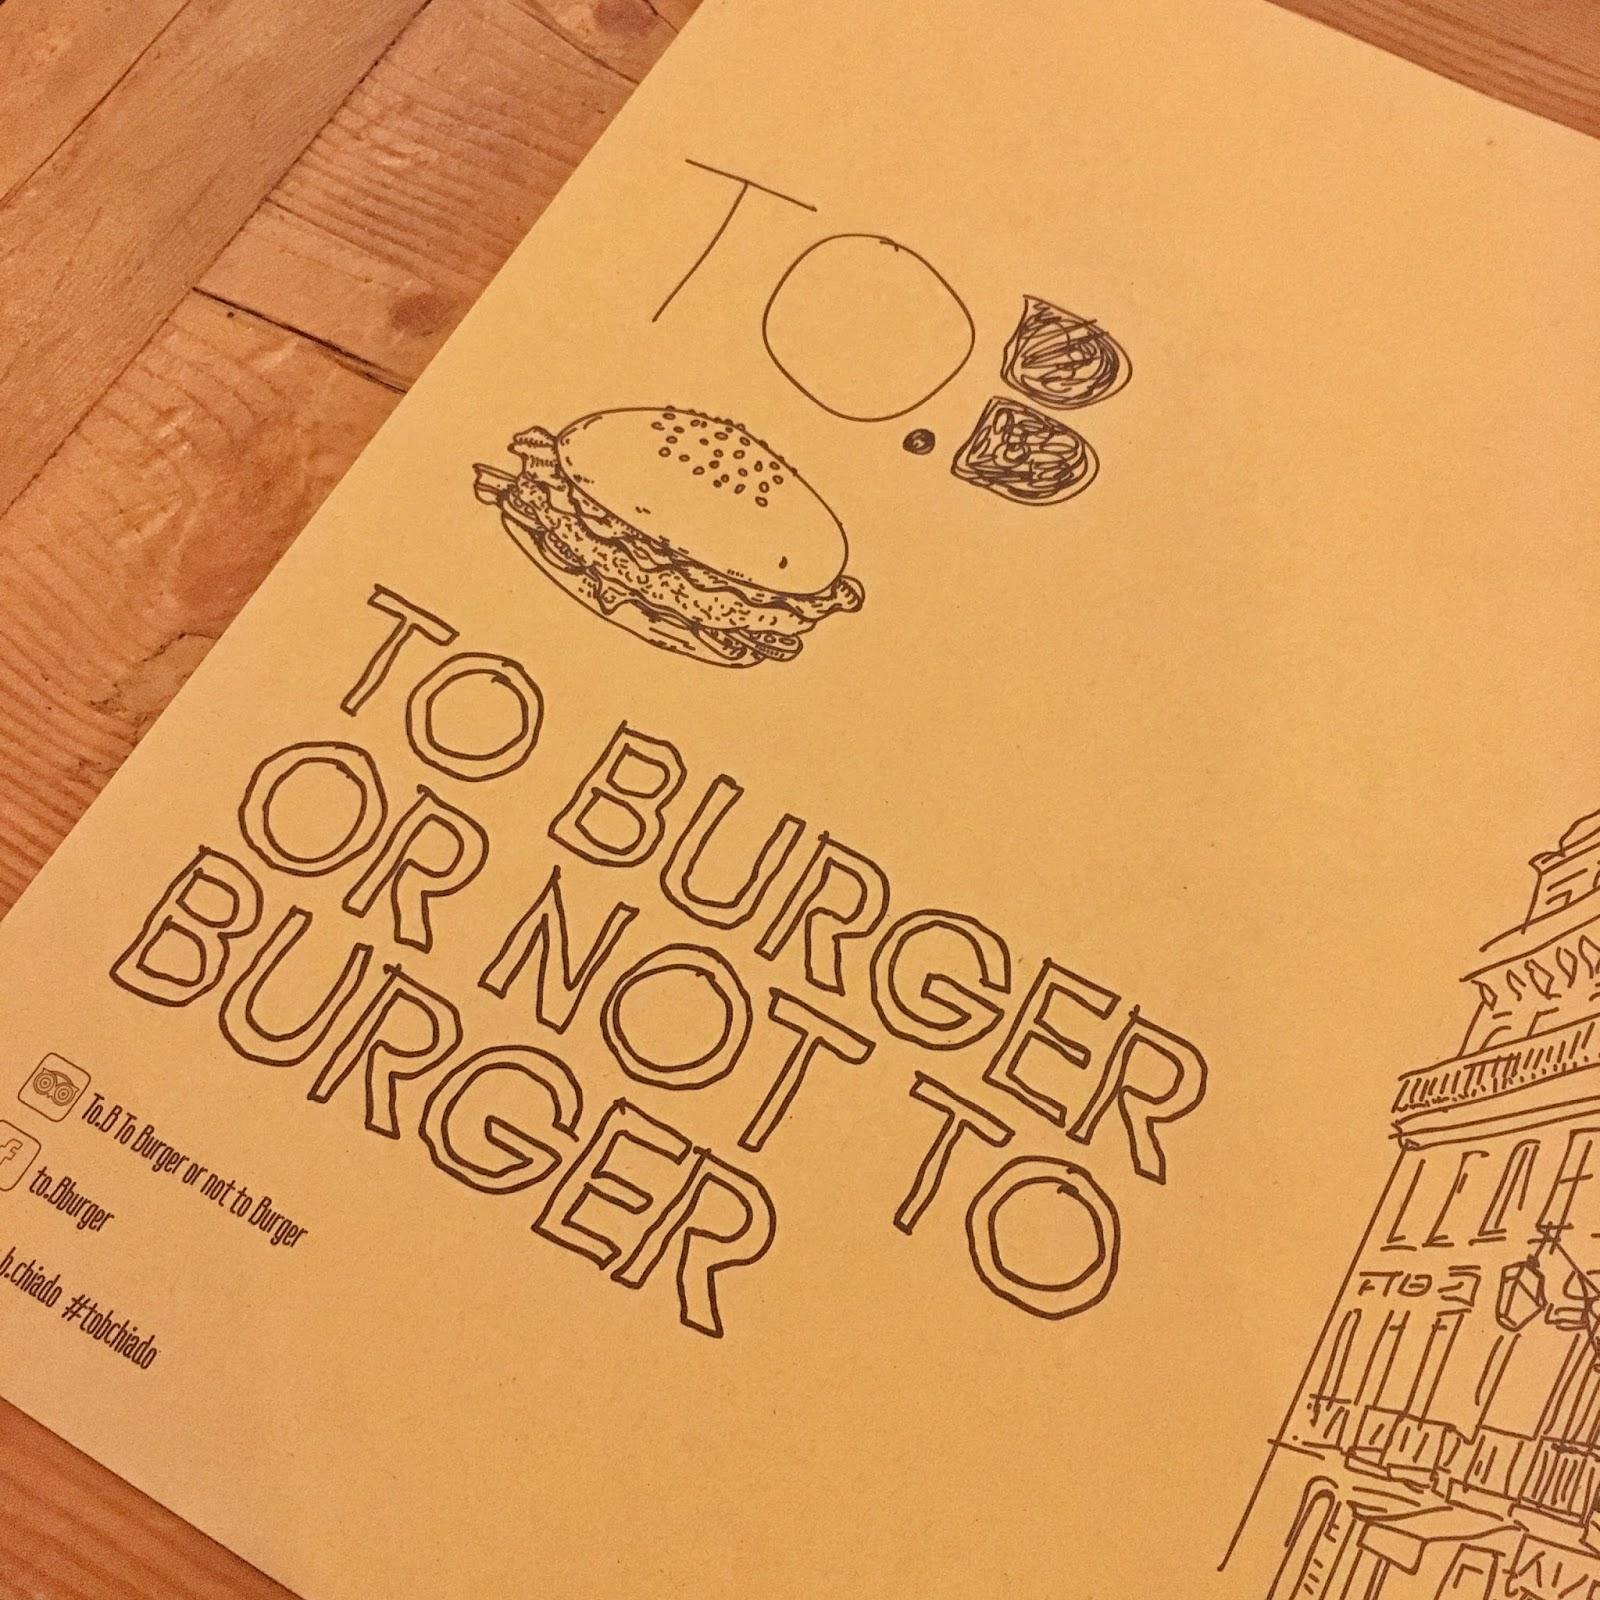 Lisabon, Portugal, Lisbon, Ejnets, To.B Burger